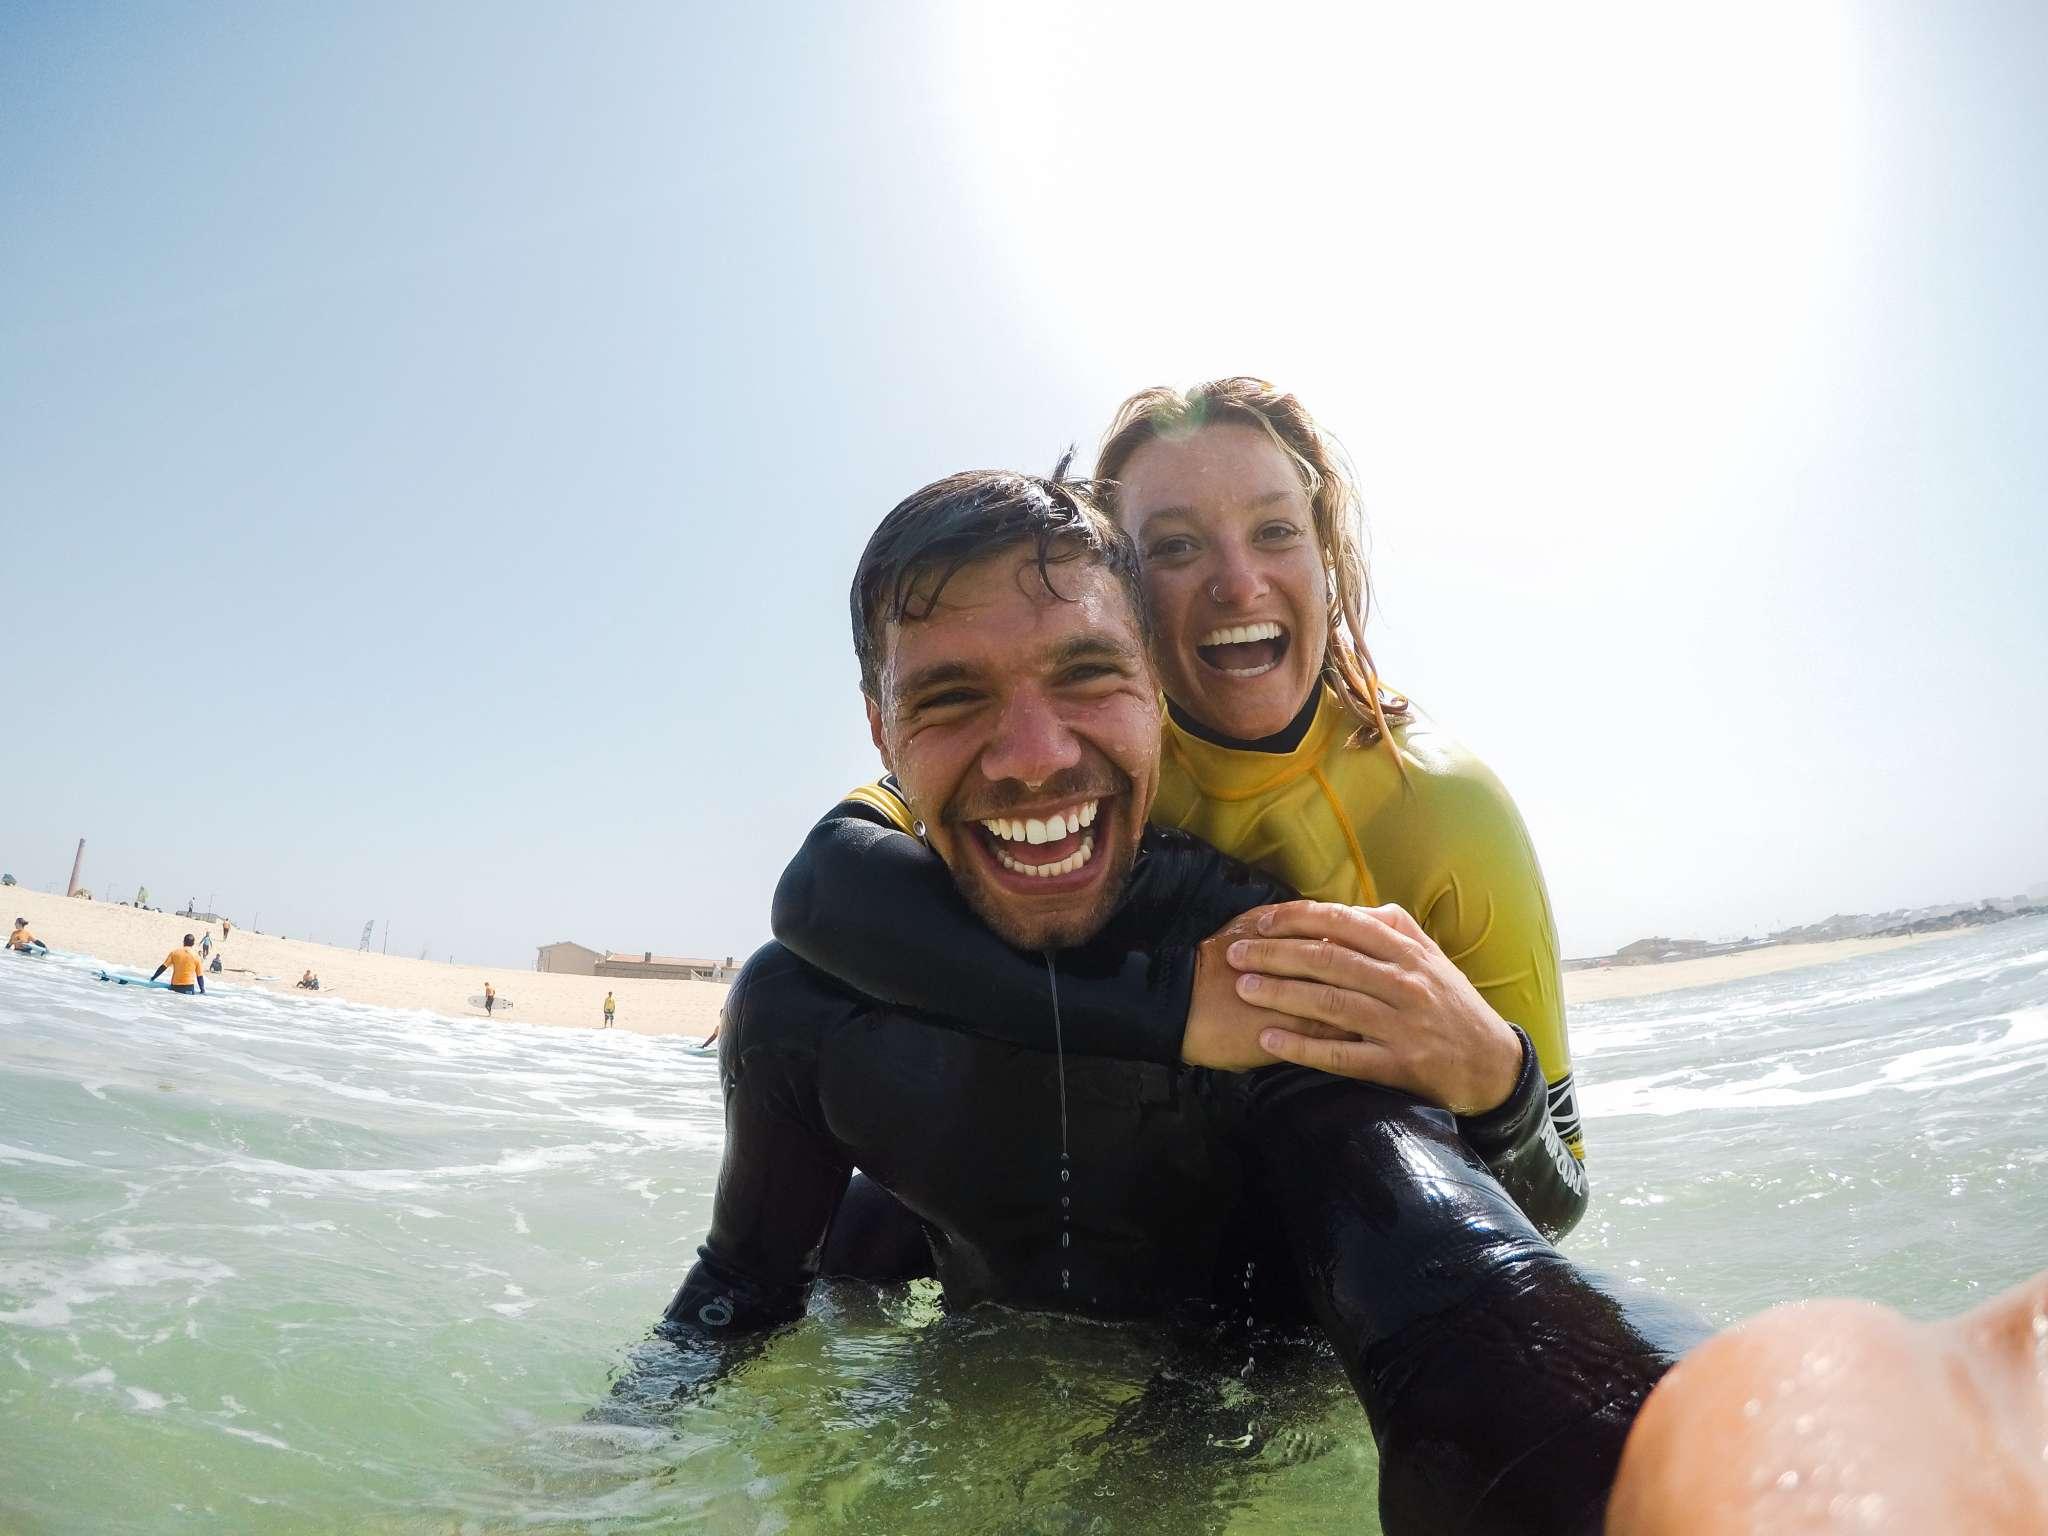 Surfivor Surf Coaches